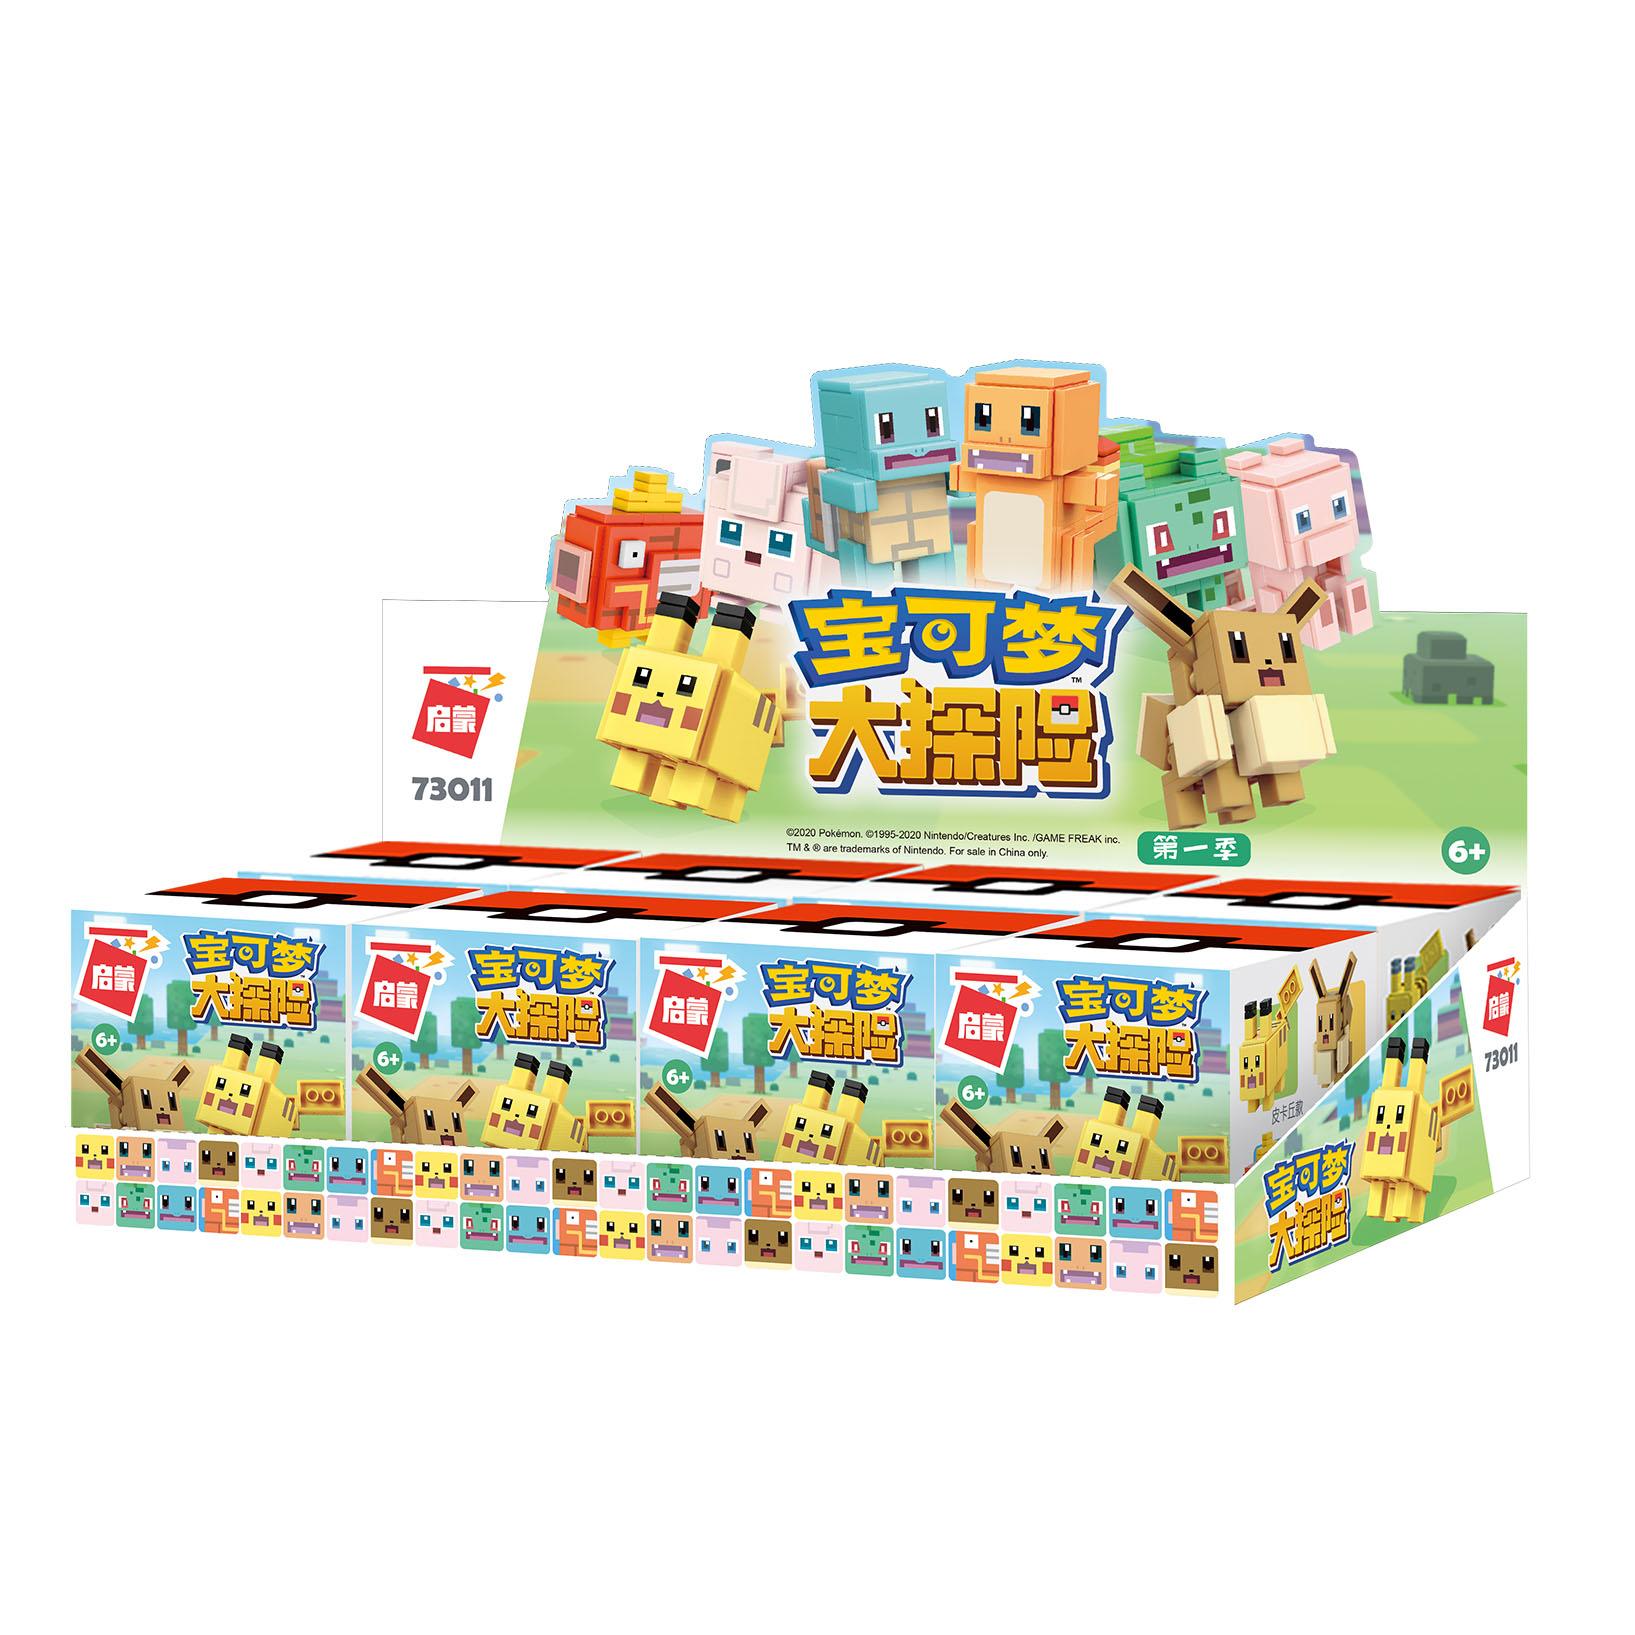 Qman|寶可夢探險尋寶小公仔積木 套組 台灣代理公司貨